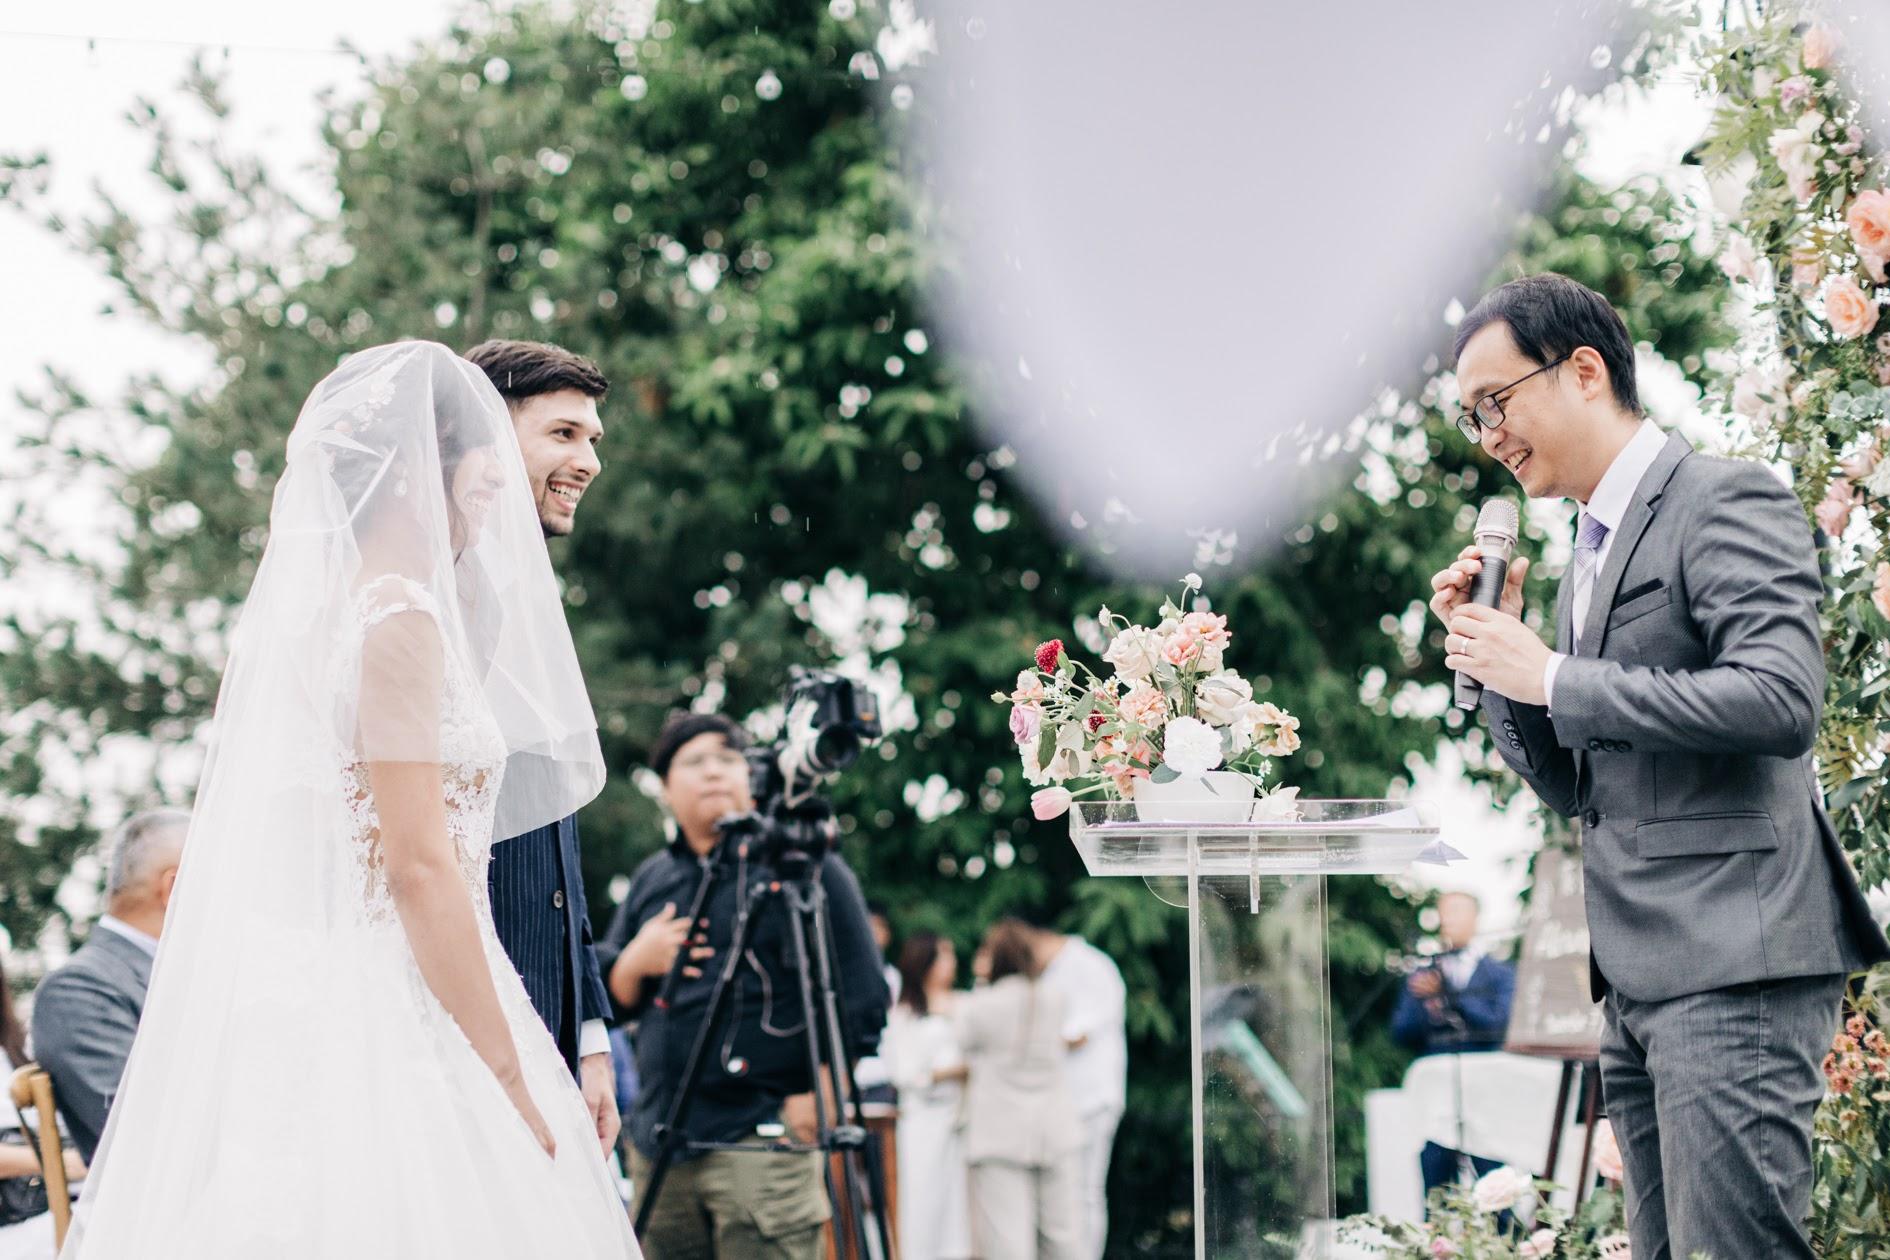 戶外婚禮場地精選 美式攝影師的口袋名單,給你難忘婚禮體驗